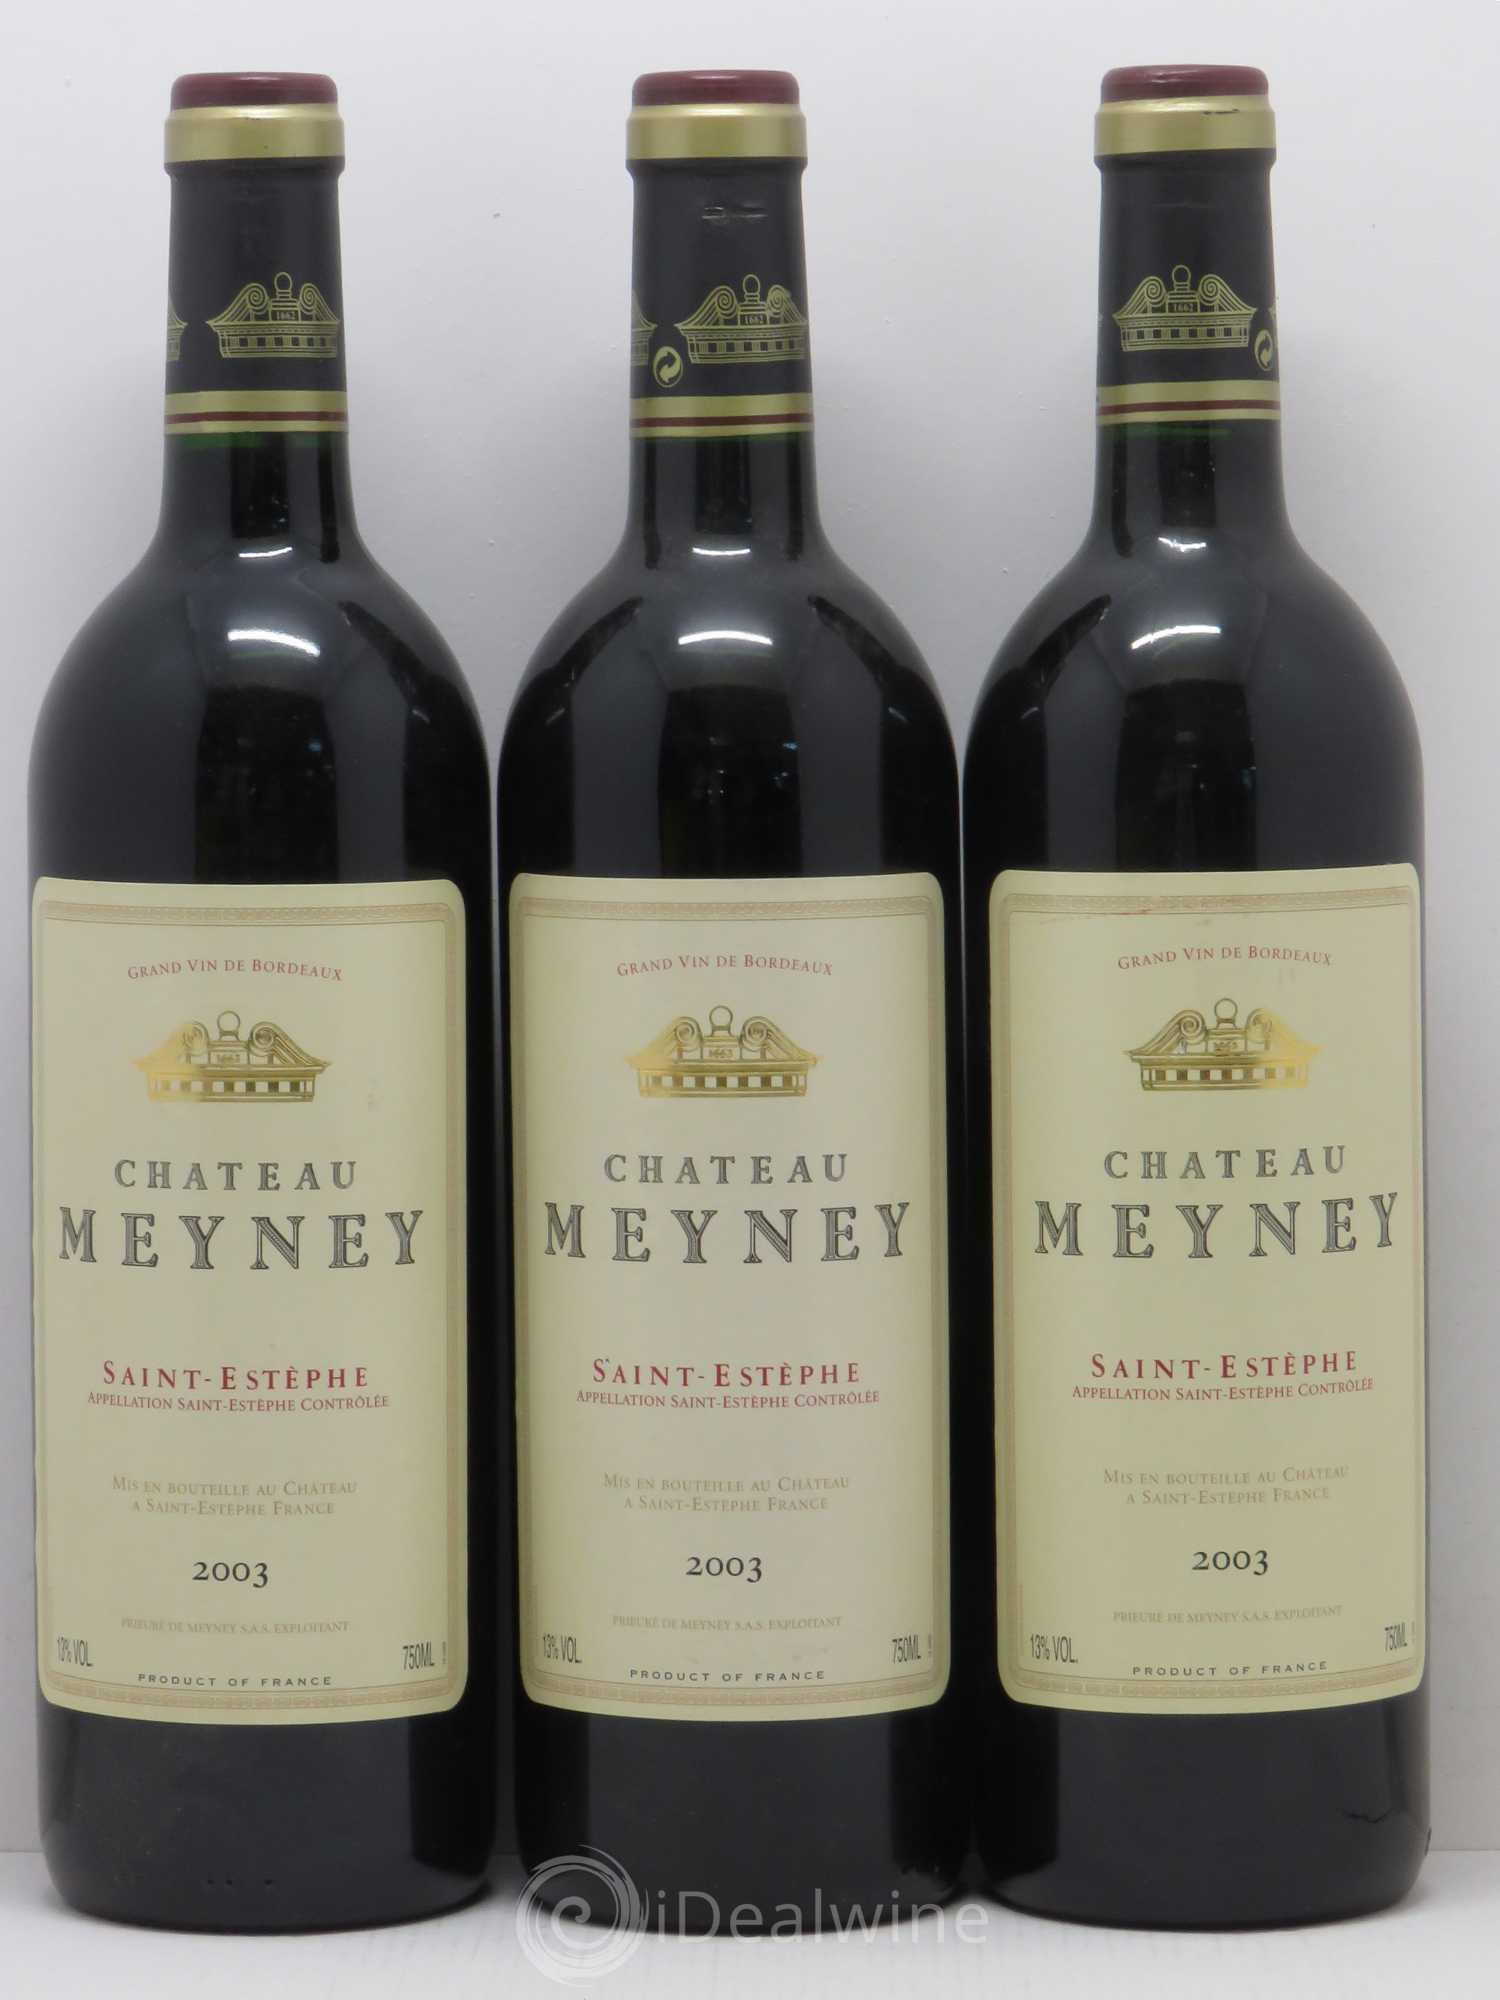 Acheter ch teau meyney cru bourgeois 2003 lot 11546 for Chateau meyney